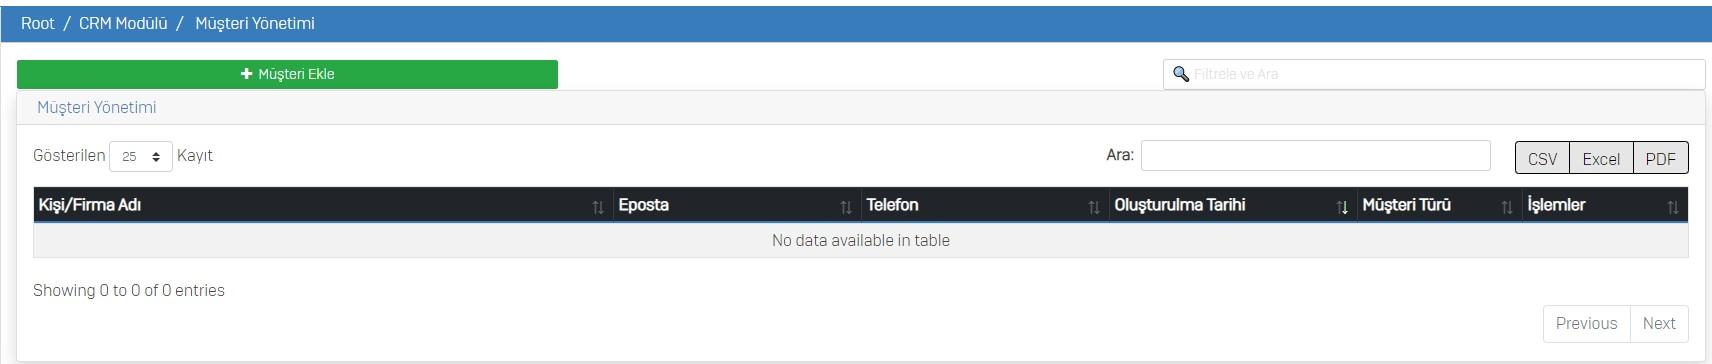 crm musteri yonetimi - Sahra Telekom CRM Modülü Kullanımı